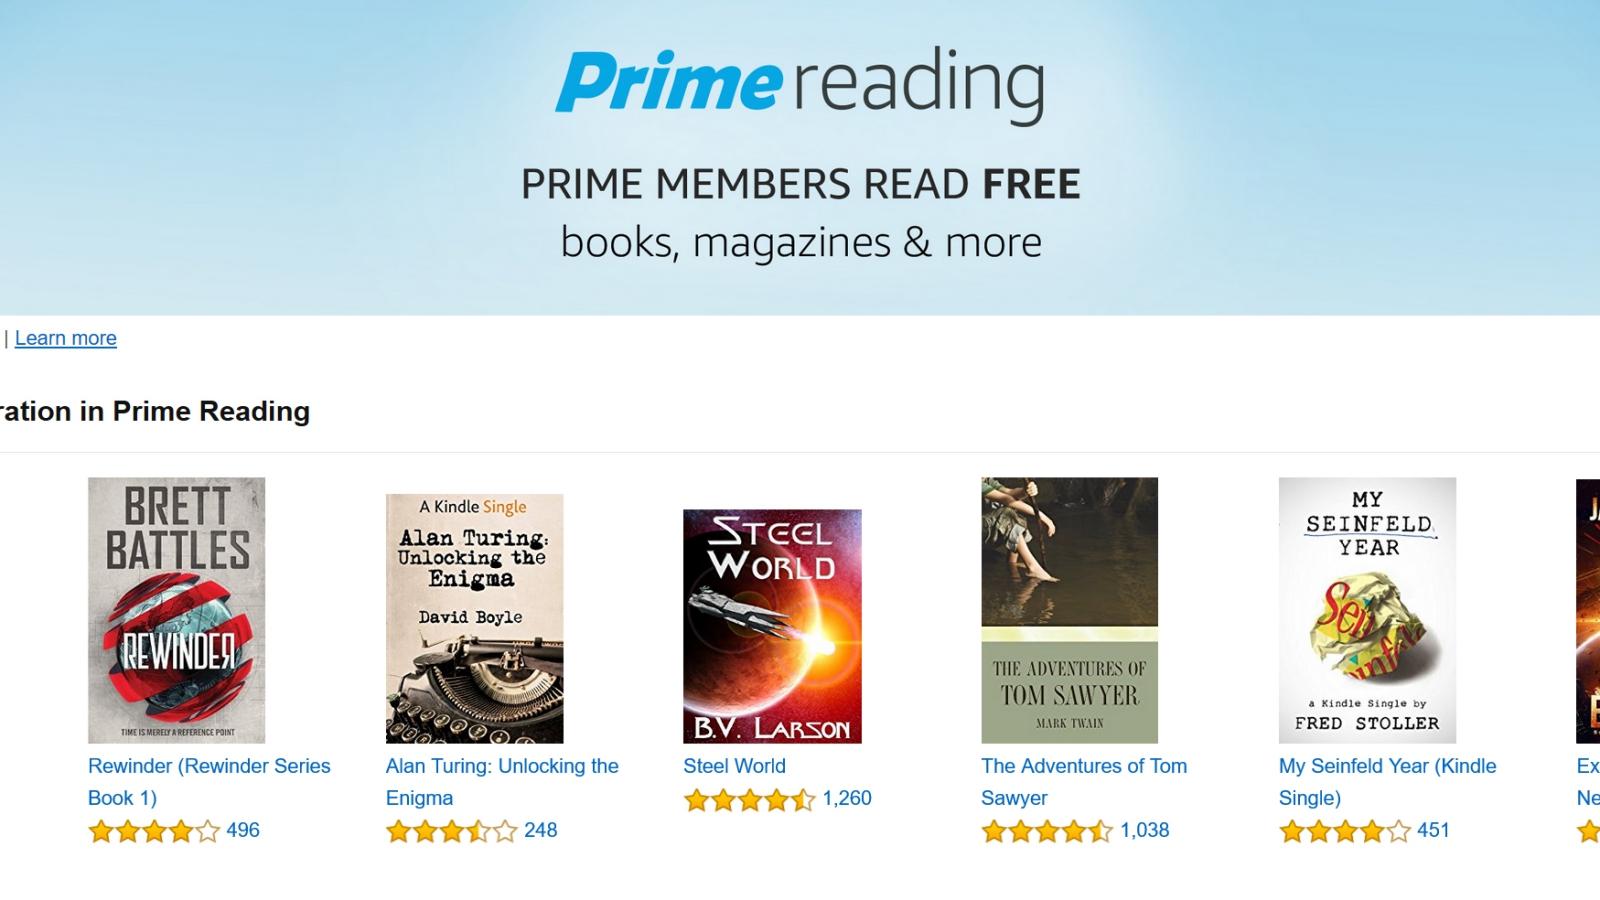 Amazon annuncia Prime Reading, un nuovo bonus per i clienti Prime thumbnail